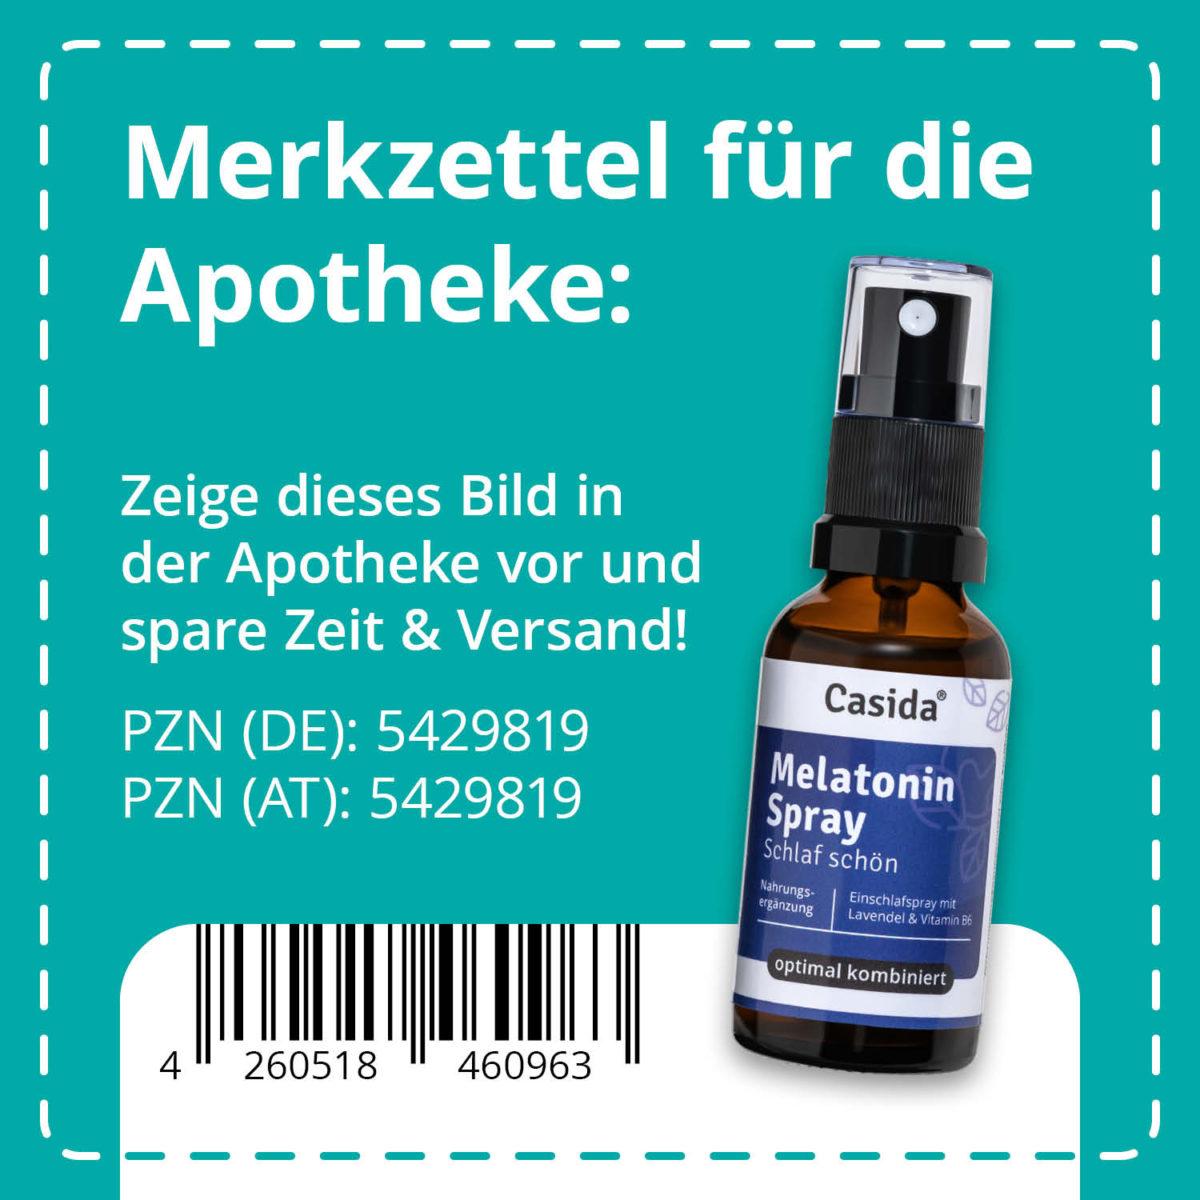 Casida Melatonin Spray Schlaf schön 30 ml PZN DE 5429819 PZN AT 5429819 UVP 16,95 € EAN 4260518460963